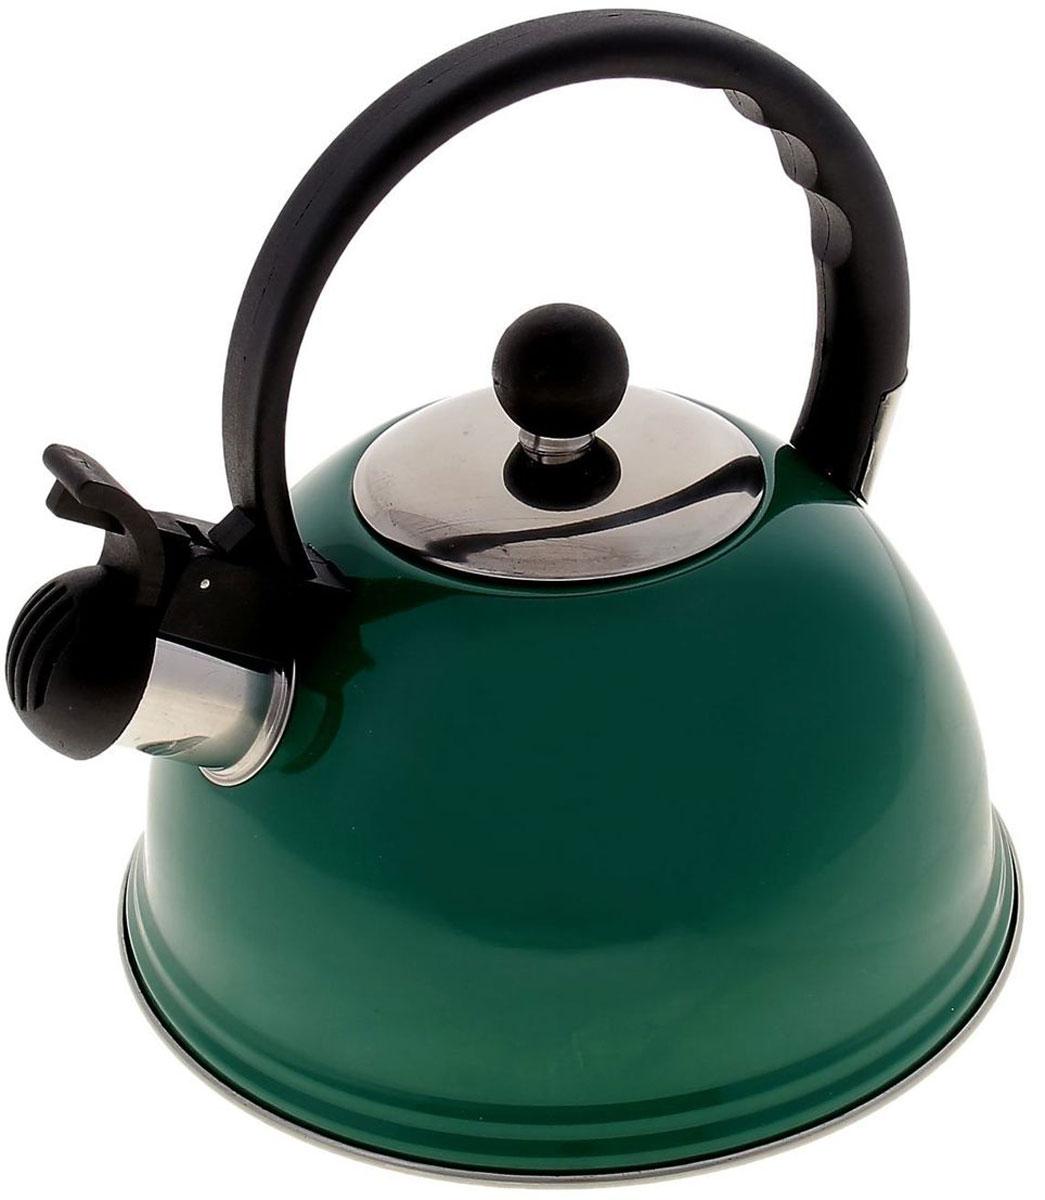 Чайник Доляна Элит, со свистком, цвет: зеленый, черный, 2 л115510Чайник Доляна Элит выполнен из высококачественной нержавеющей стали. Материал изделия отличается неприхотливостью в уходе, безукоризненной функциональностью, гигиеничностью и стойкостью к коррозии. Чайники из нержавеющей стали абсолютно безопасны для здоровья человека. Благодаря низкой теплопроводности и оптимальному соотношению дна и стенок вода дольше остается горячей, а качественное дно гарантирует быстрый нагрев. Чайник при кипячении сохраняет все полезные свойства воды. Чайник снабжен фиксированной пластиковой ручкой. Удобная ручка не нагревается, и поэтому вероятность ожогов сводится к минимуму. Свисток на носике чайника громко оповестит, когда закипела вода. Свисток открывается нажатием кнопки на рукоятке. Подходит для газовых, электрических, стеклокерамических, галогеновых, индукционных плит. Рекомендуется ручная мойка.